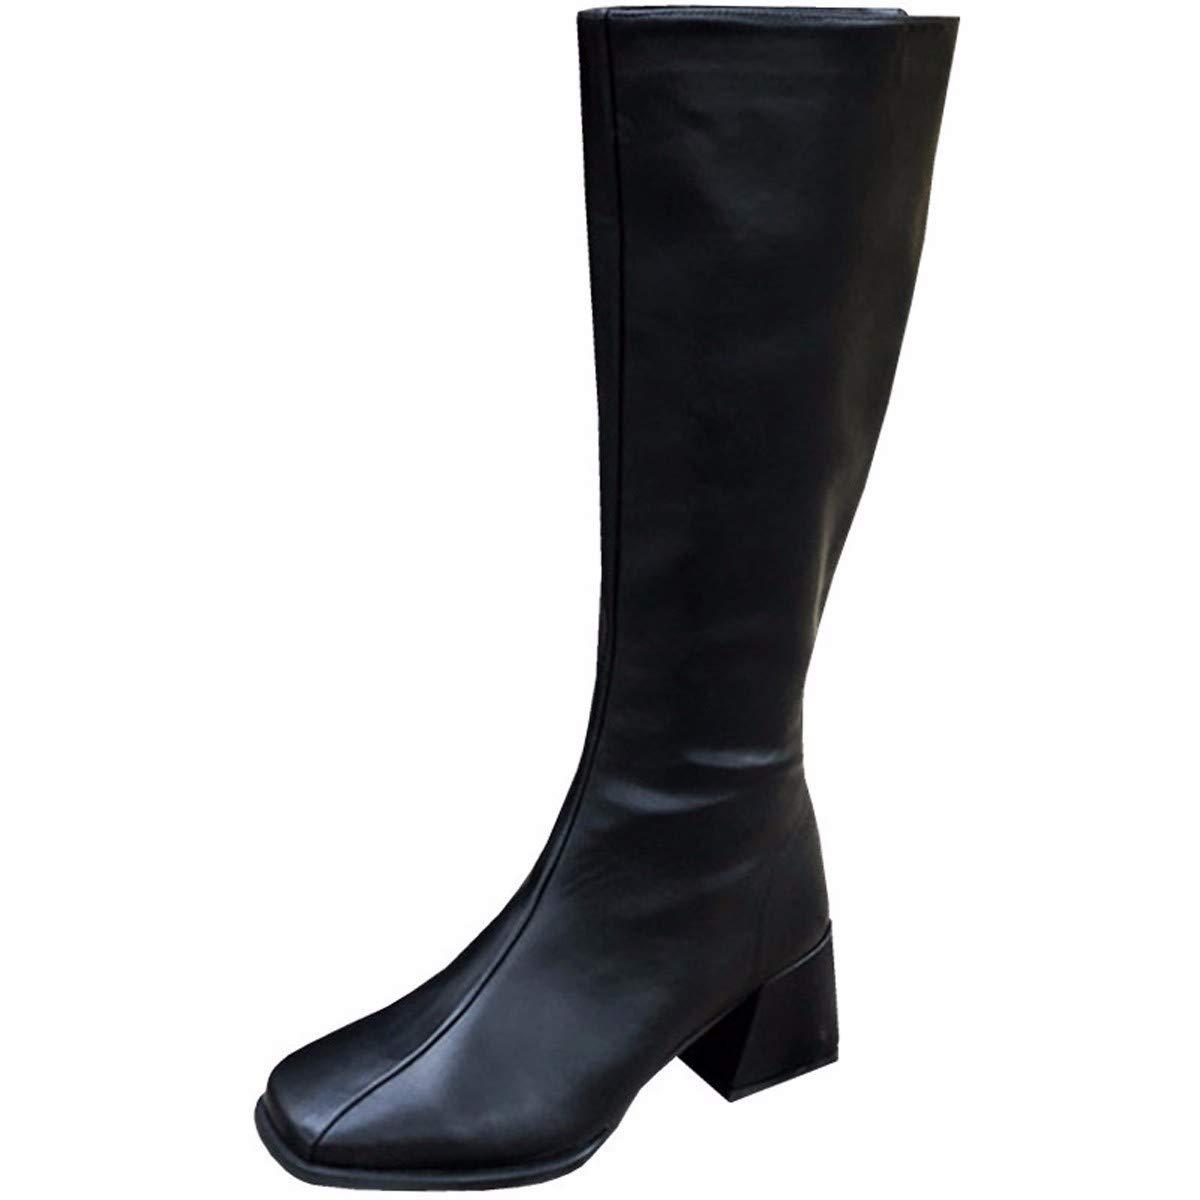 LBTSQ Fashion Damenschuhe Retro Slim Absatz 6 cm Hoch Stiefel Am Kopf Reißverschluss Dicke Sohle Stiefel Samt Ritter - Flut